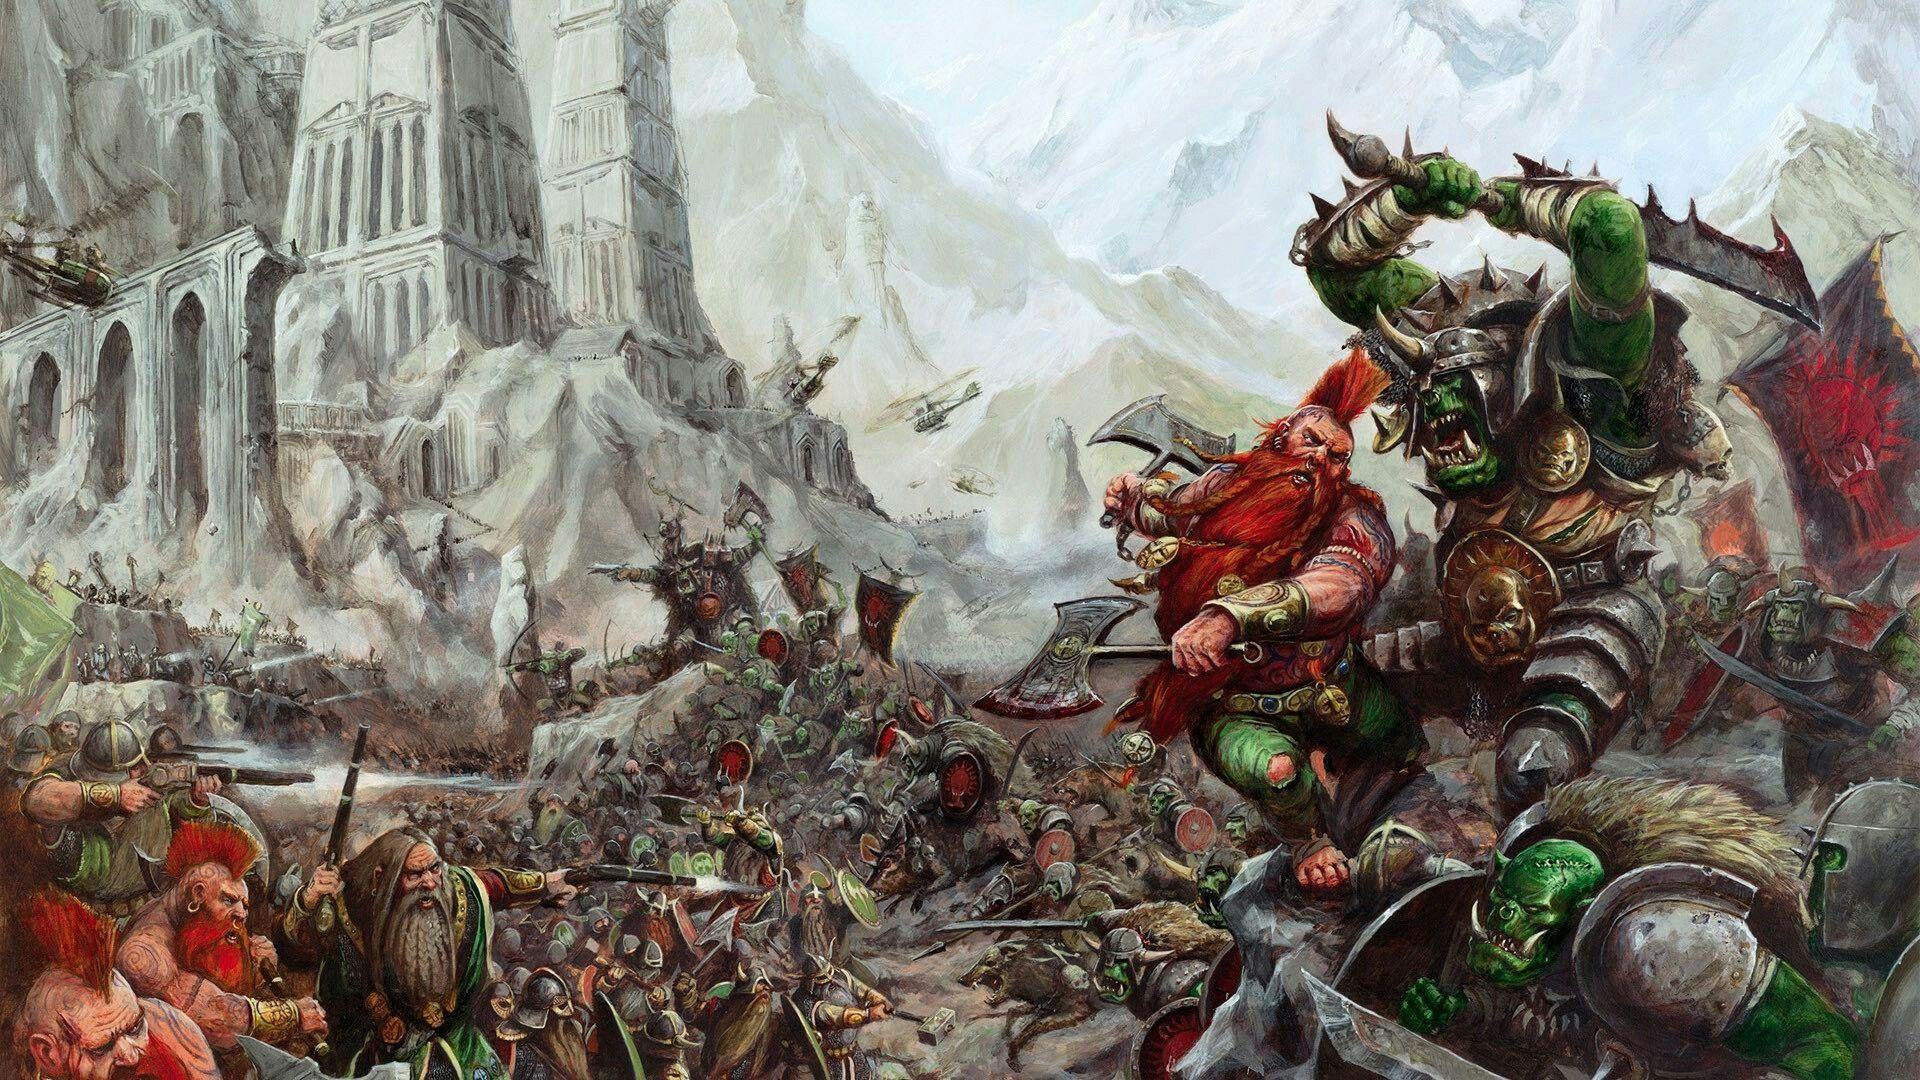 Dwarfs vs. Orcs - Warhammer